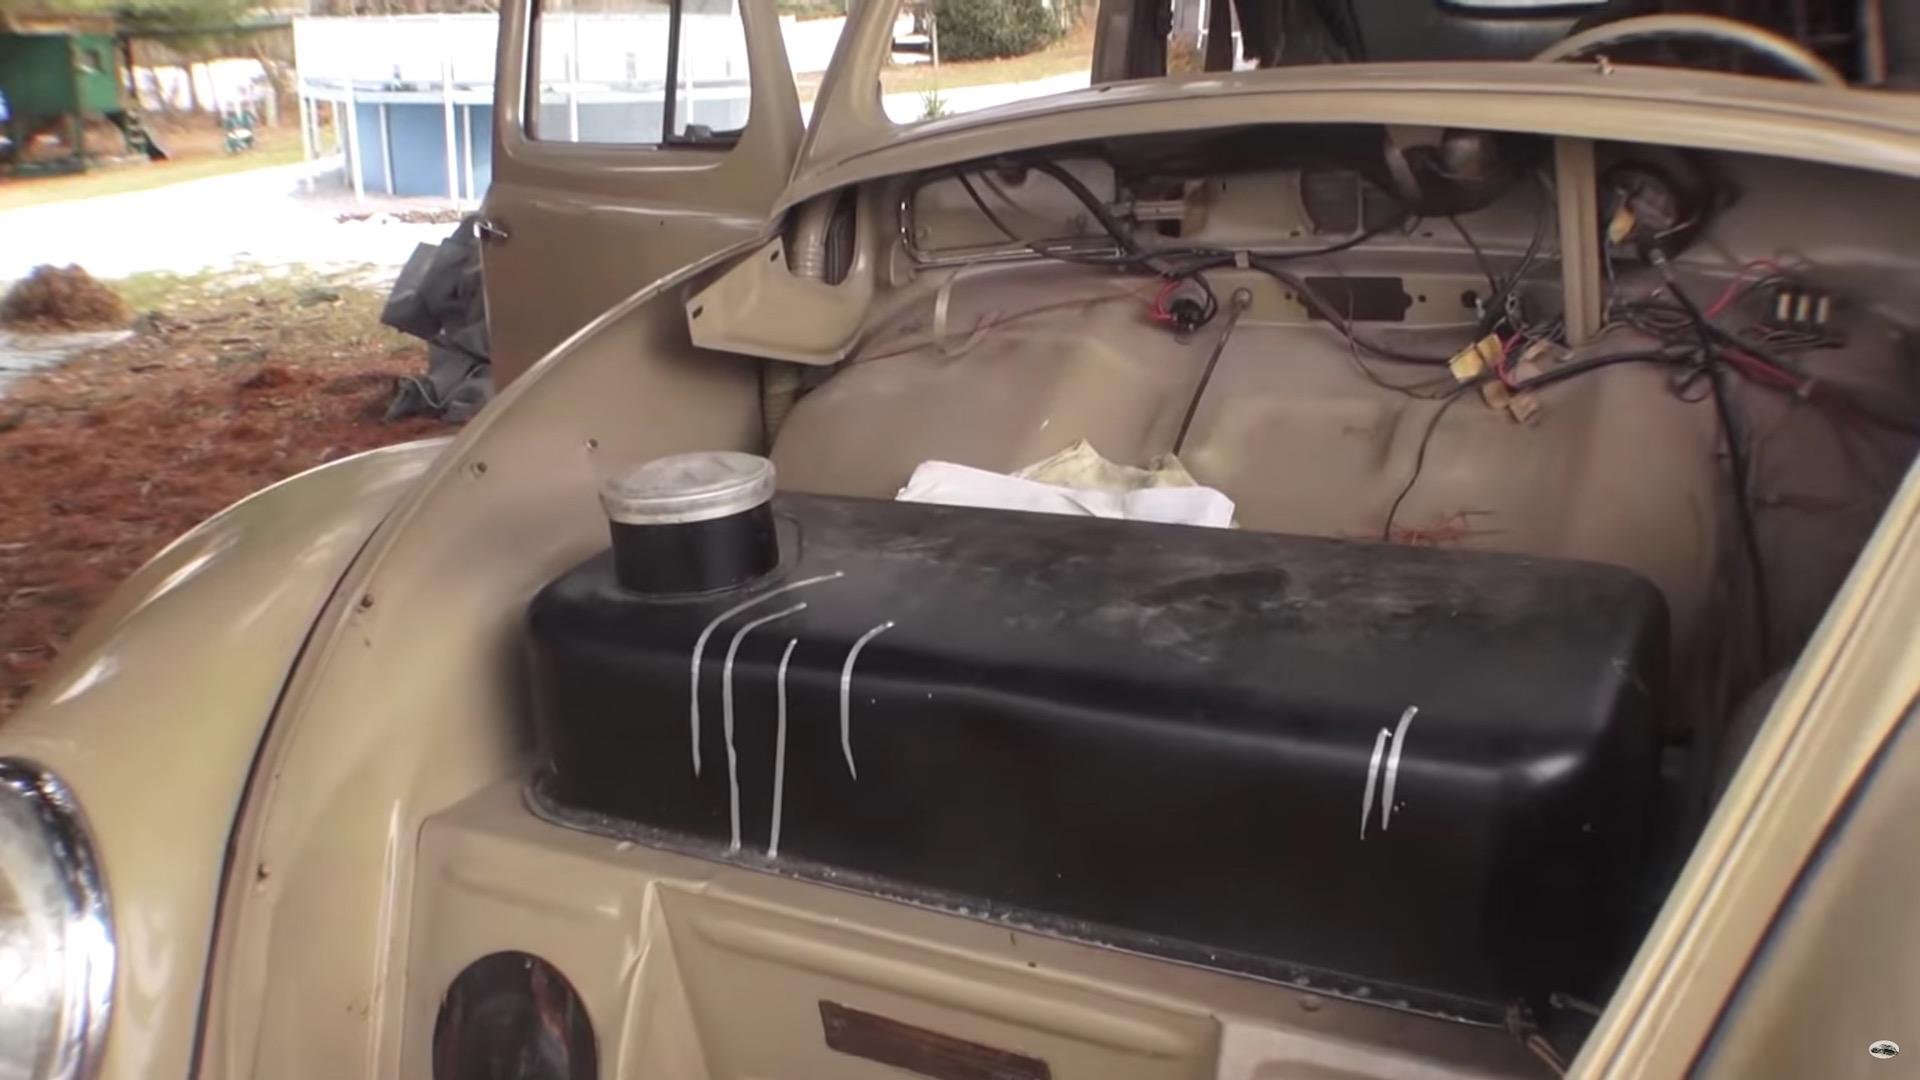 garage-find-1954-oval-window-volkswagen-beetle-6